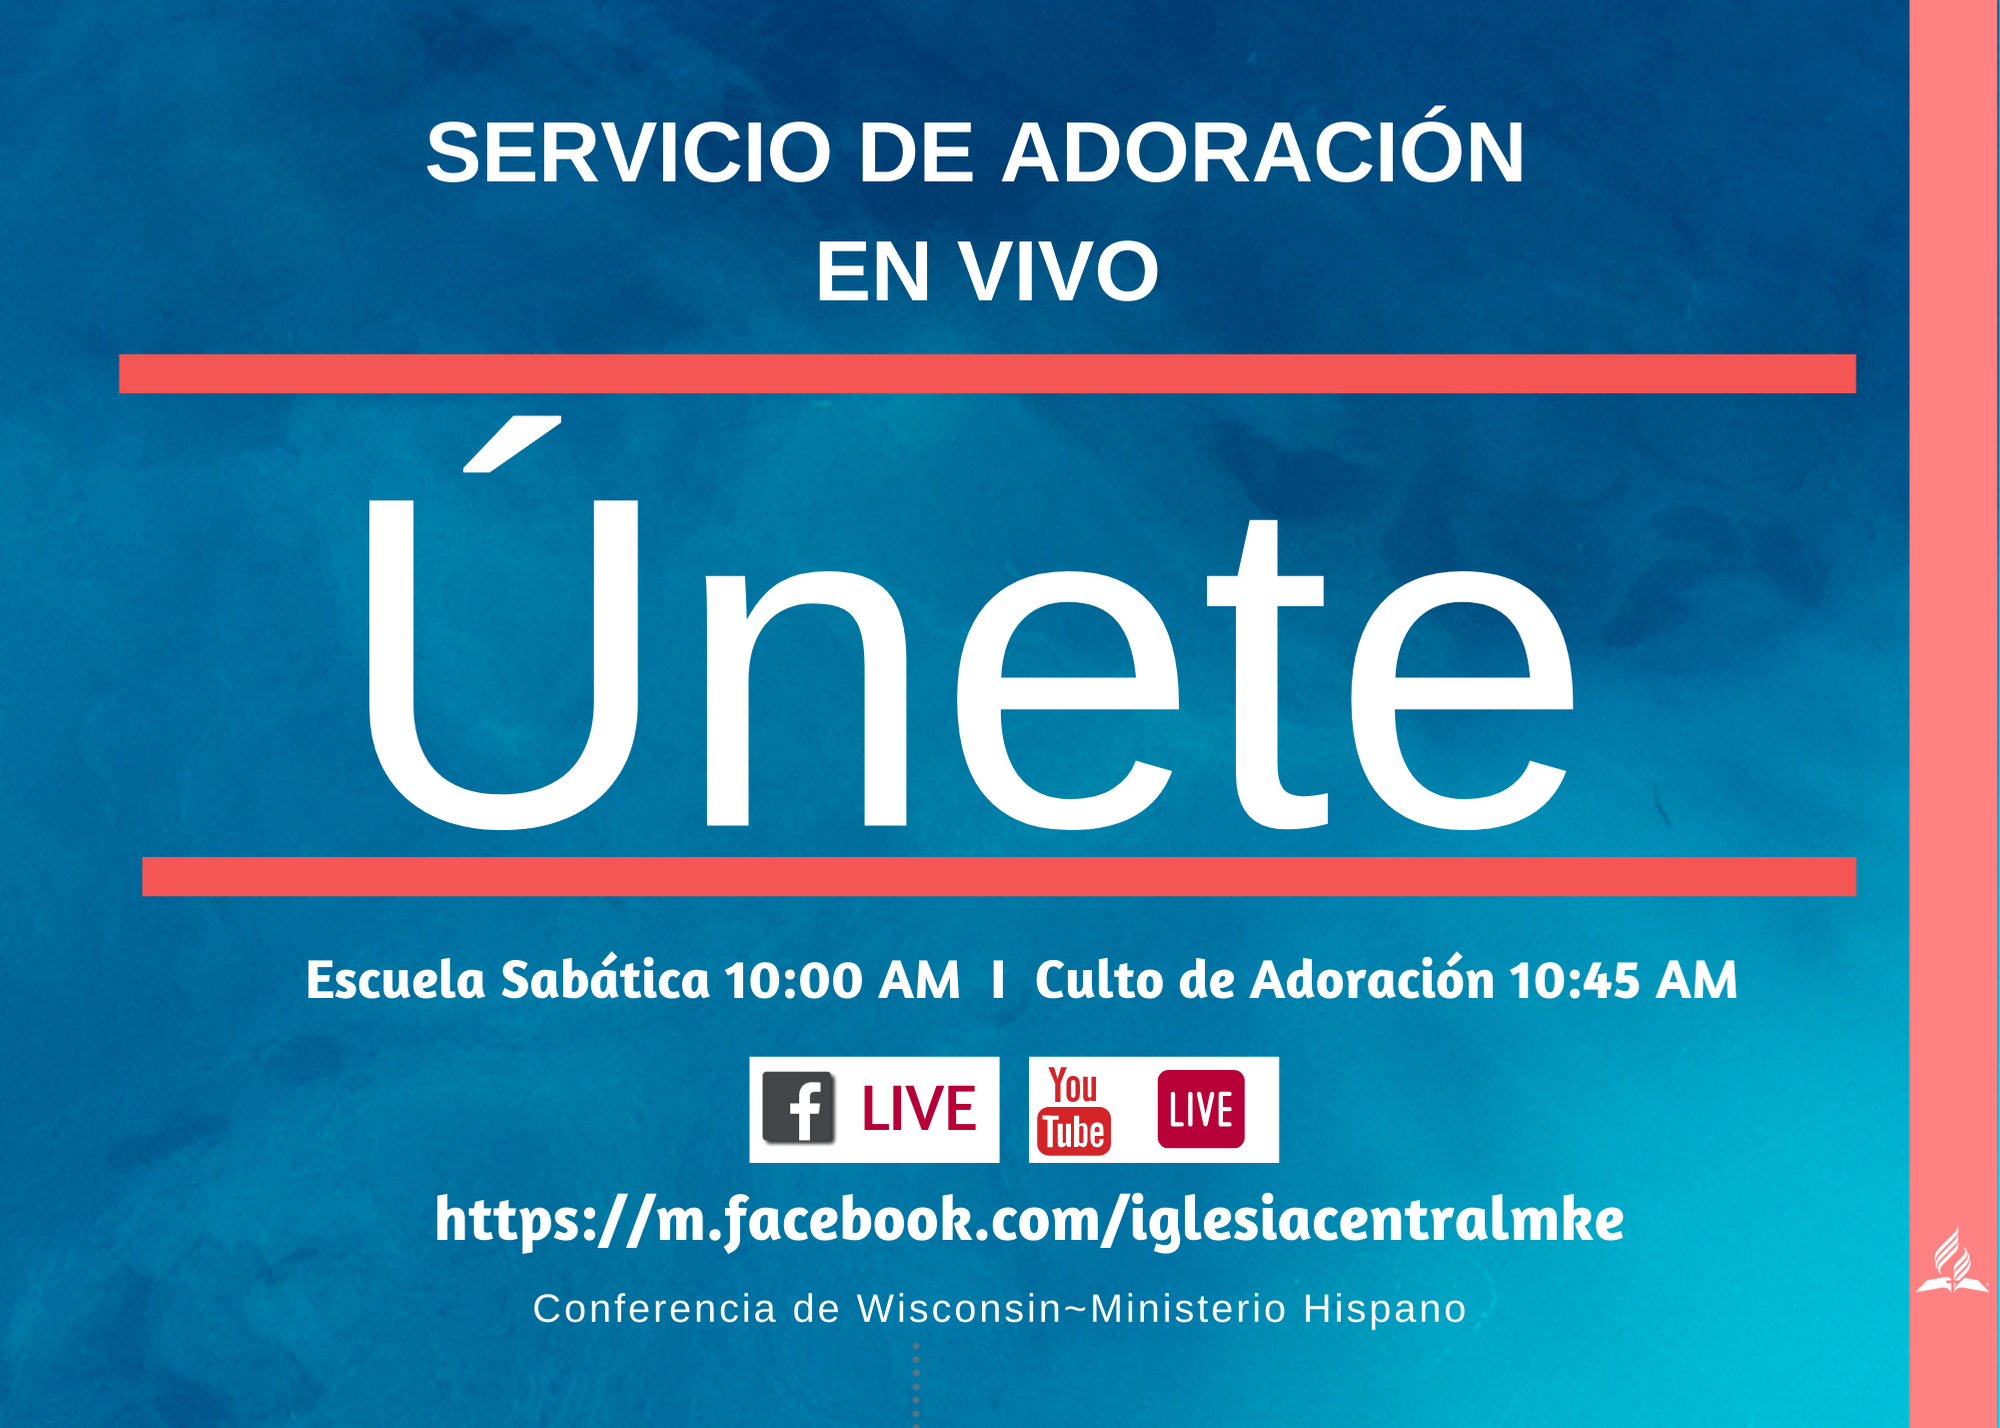 Servicio de Adoración en Vivo Iglesias Hispanas FACEBOOK LIVE/YouTube/English